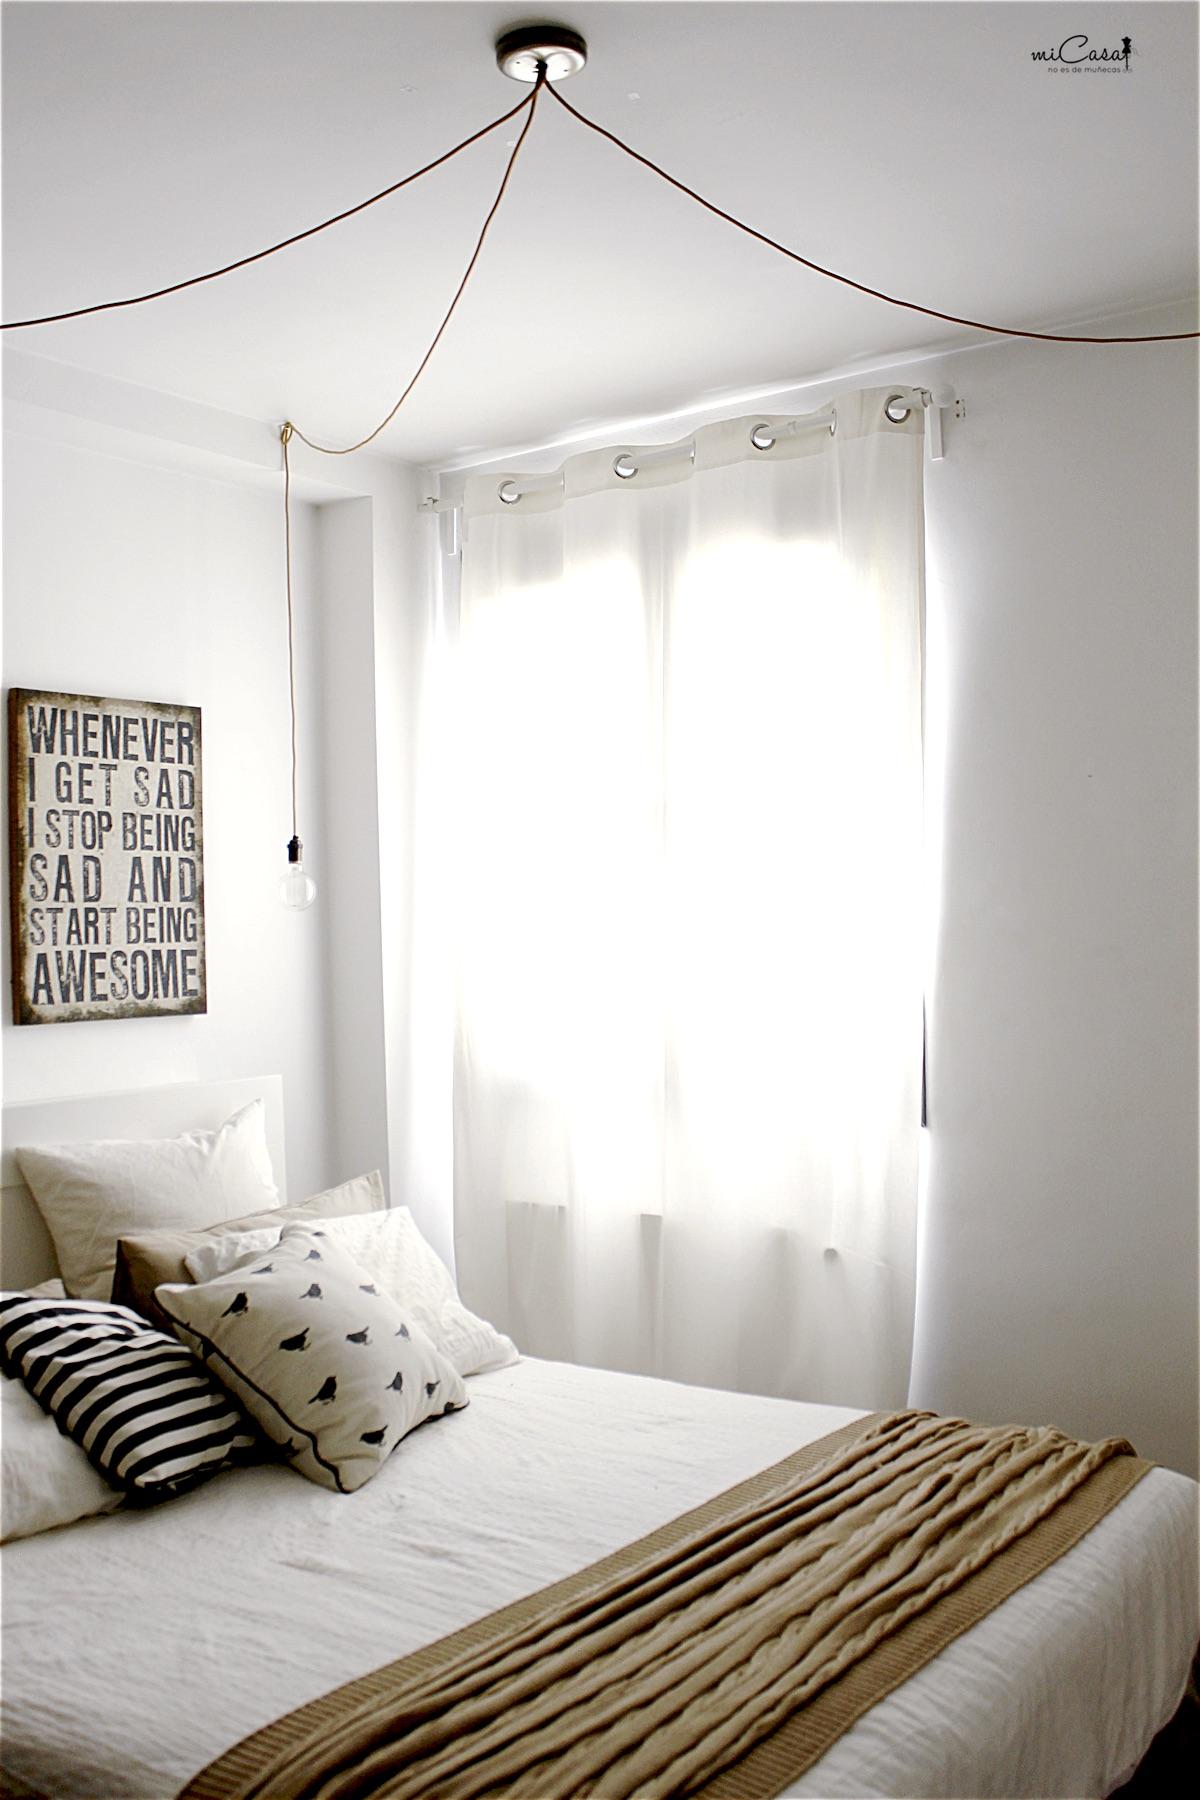 Los ltimos detalles incorporados a nuestro dormitorio - Lamparas de habitacion ...